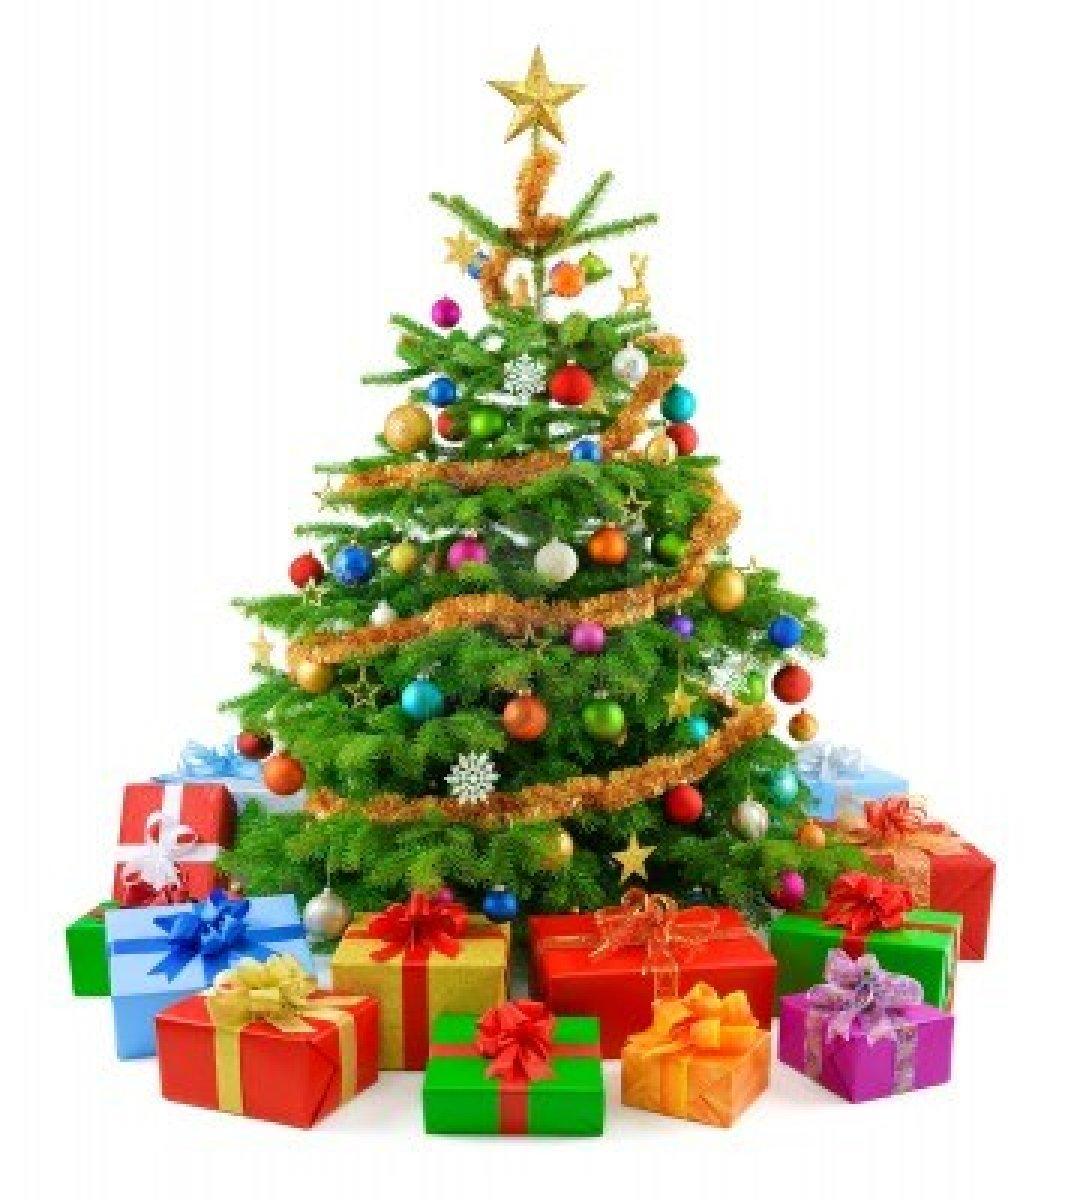 Por-qué-el-pino-es-el-árbol-de-la-navidad-3